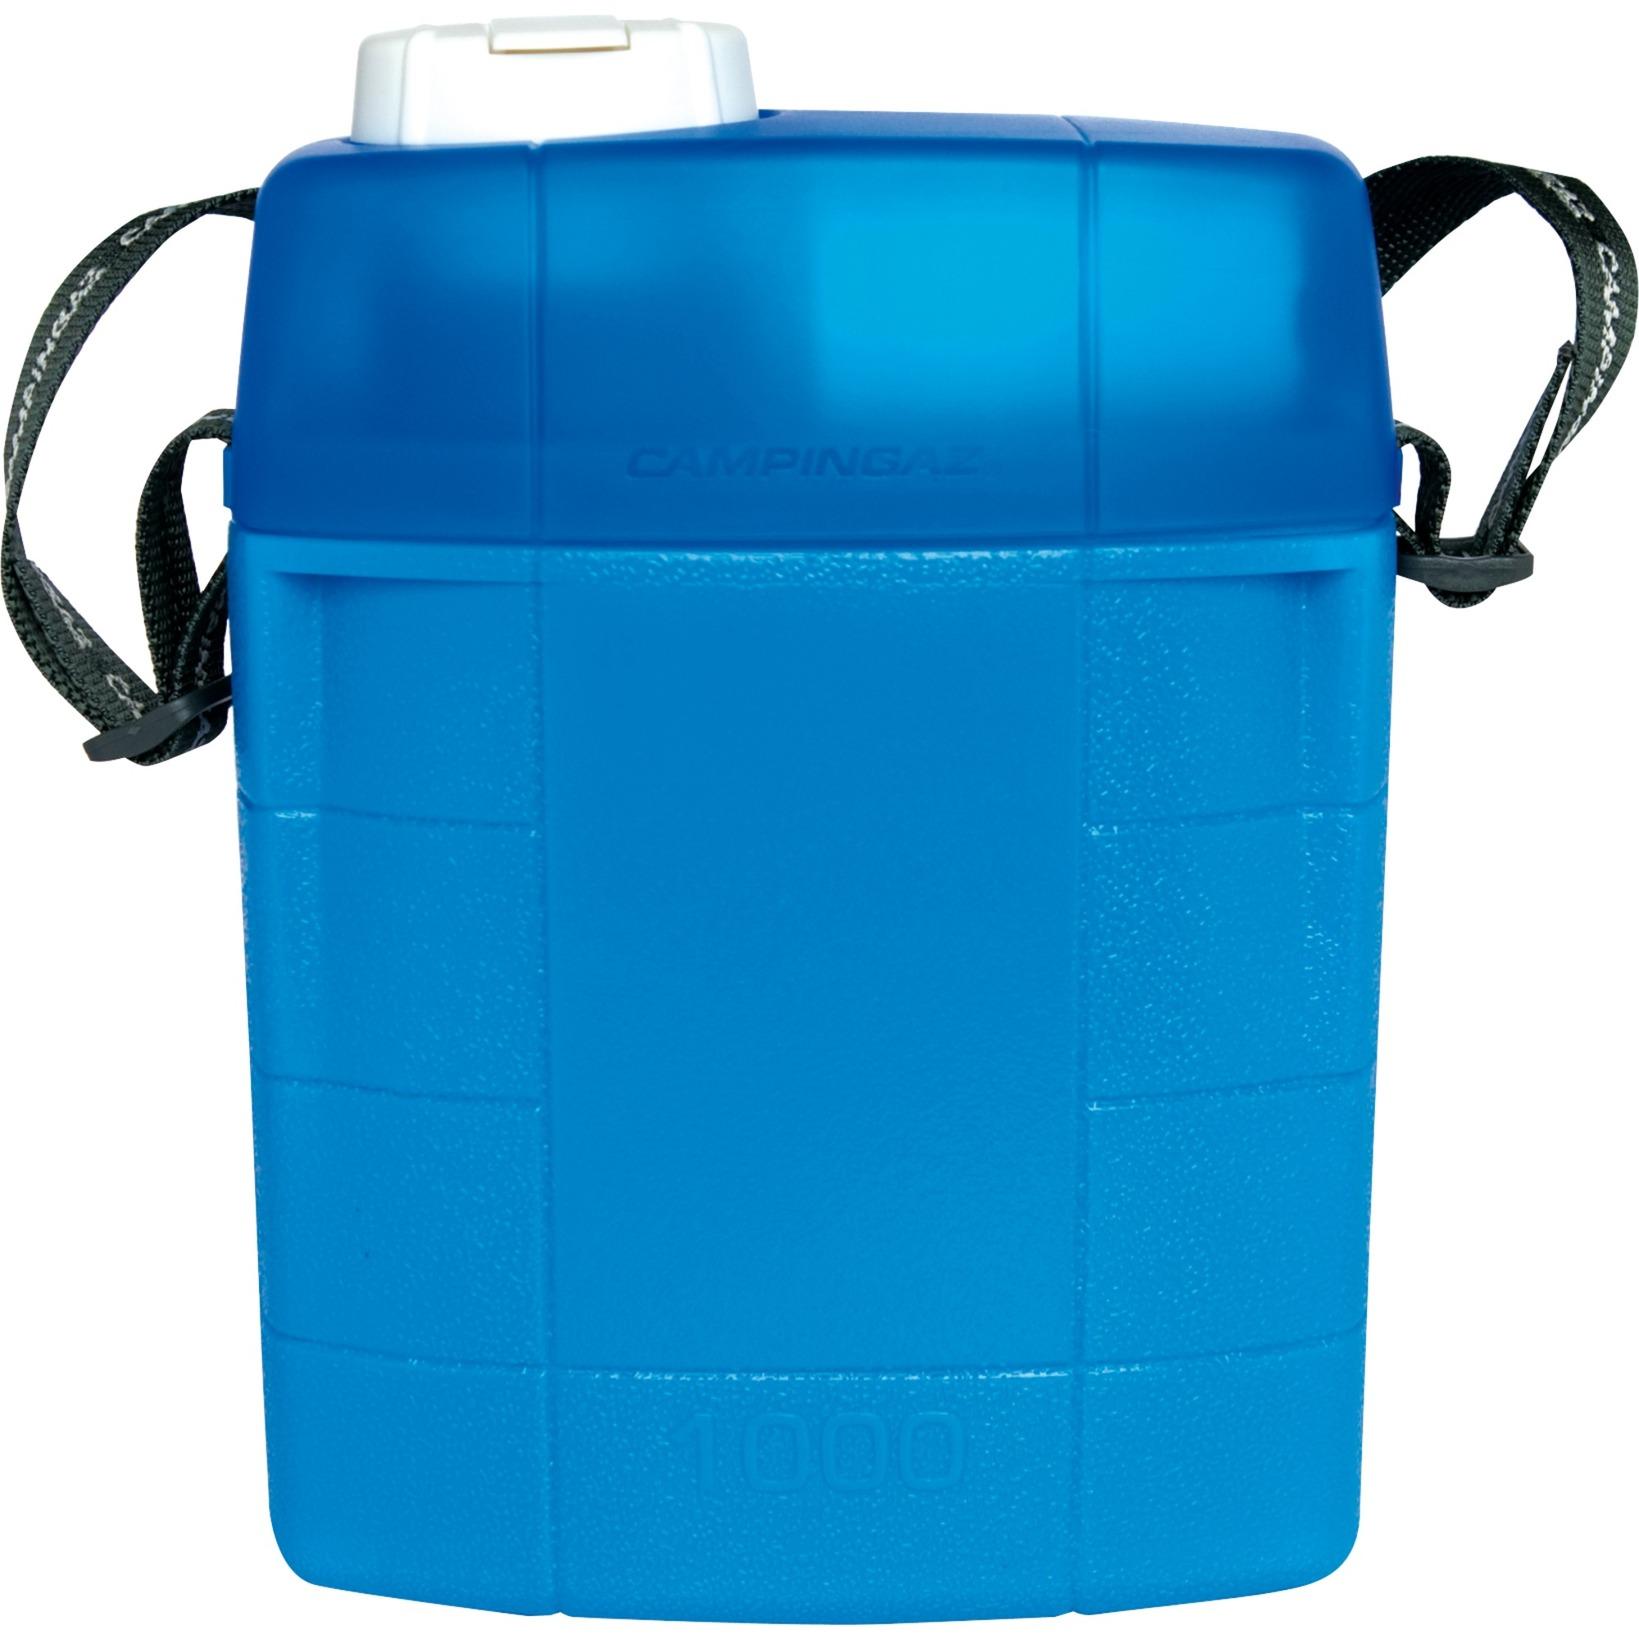 204020 1L Azul termo, Bolso más fresco